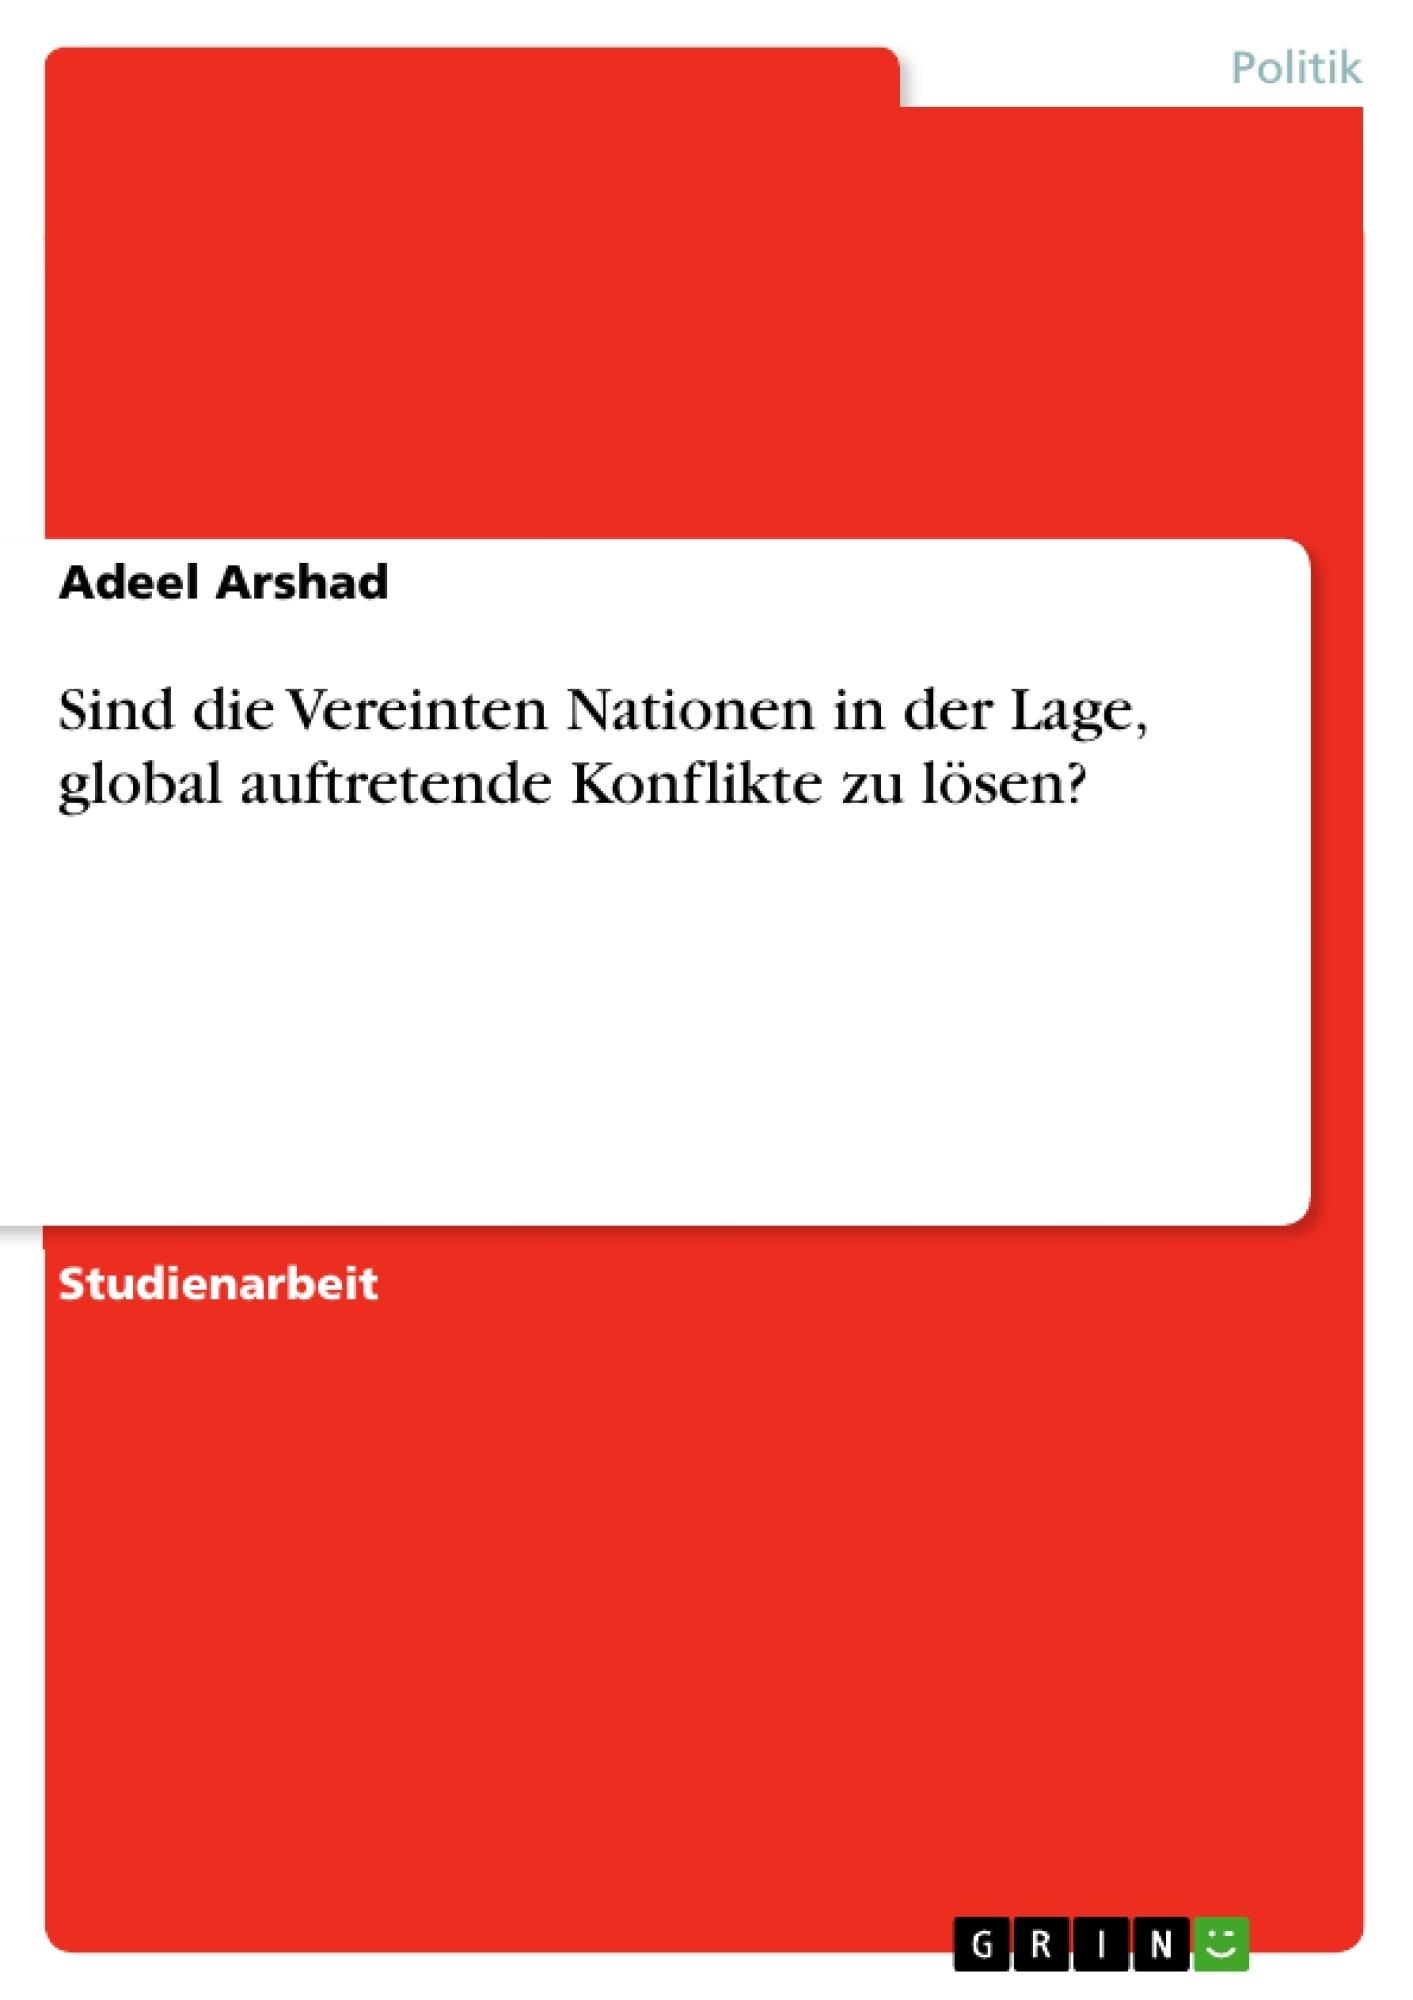 Titel: Sind die Vereinten Nationen in der Lage, global auftretende Konflikte zu lösen?